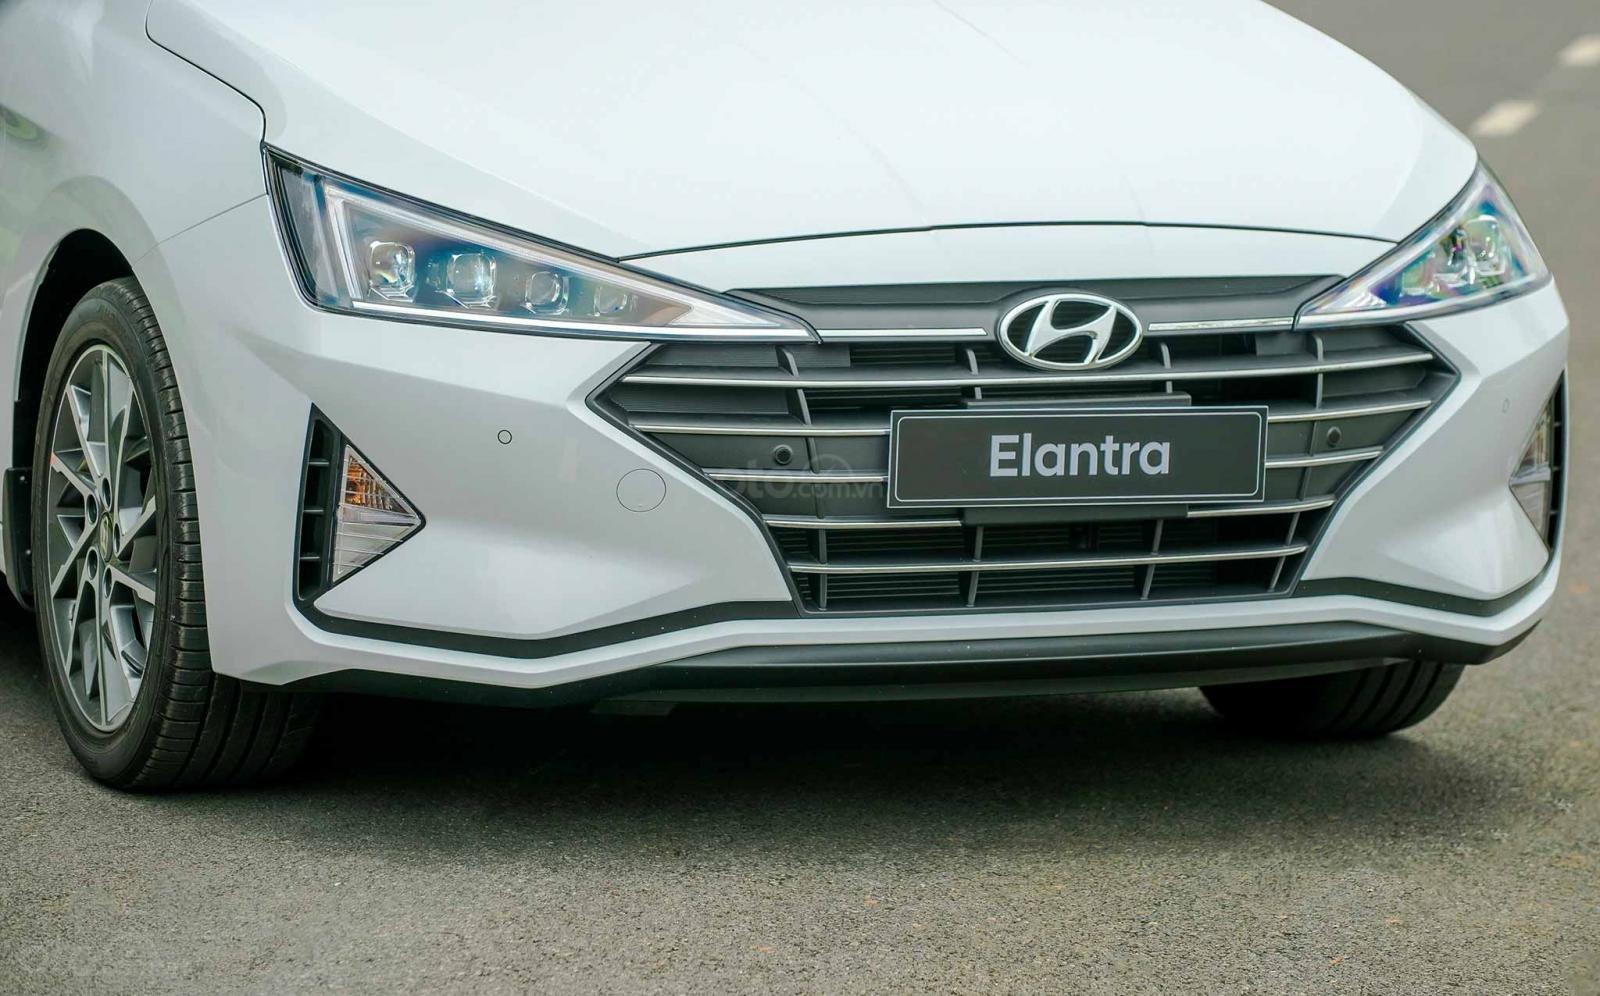 Cần bán Hyundai Elantra đời 2020, hỗ trợ vay ngân hàng 80% (4)